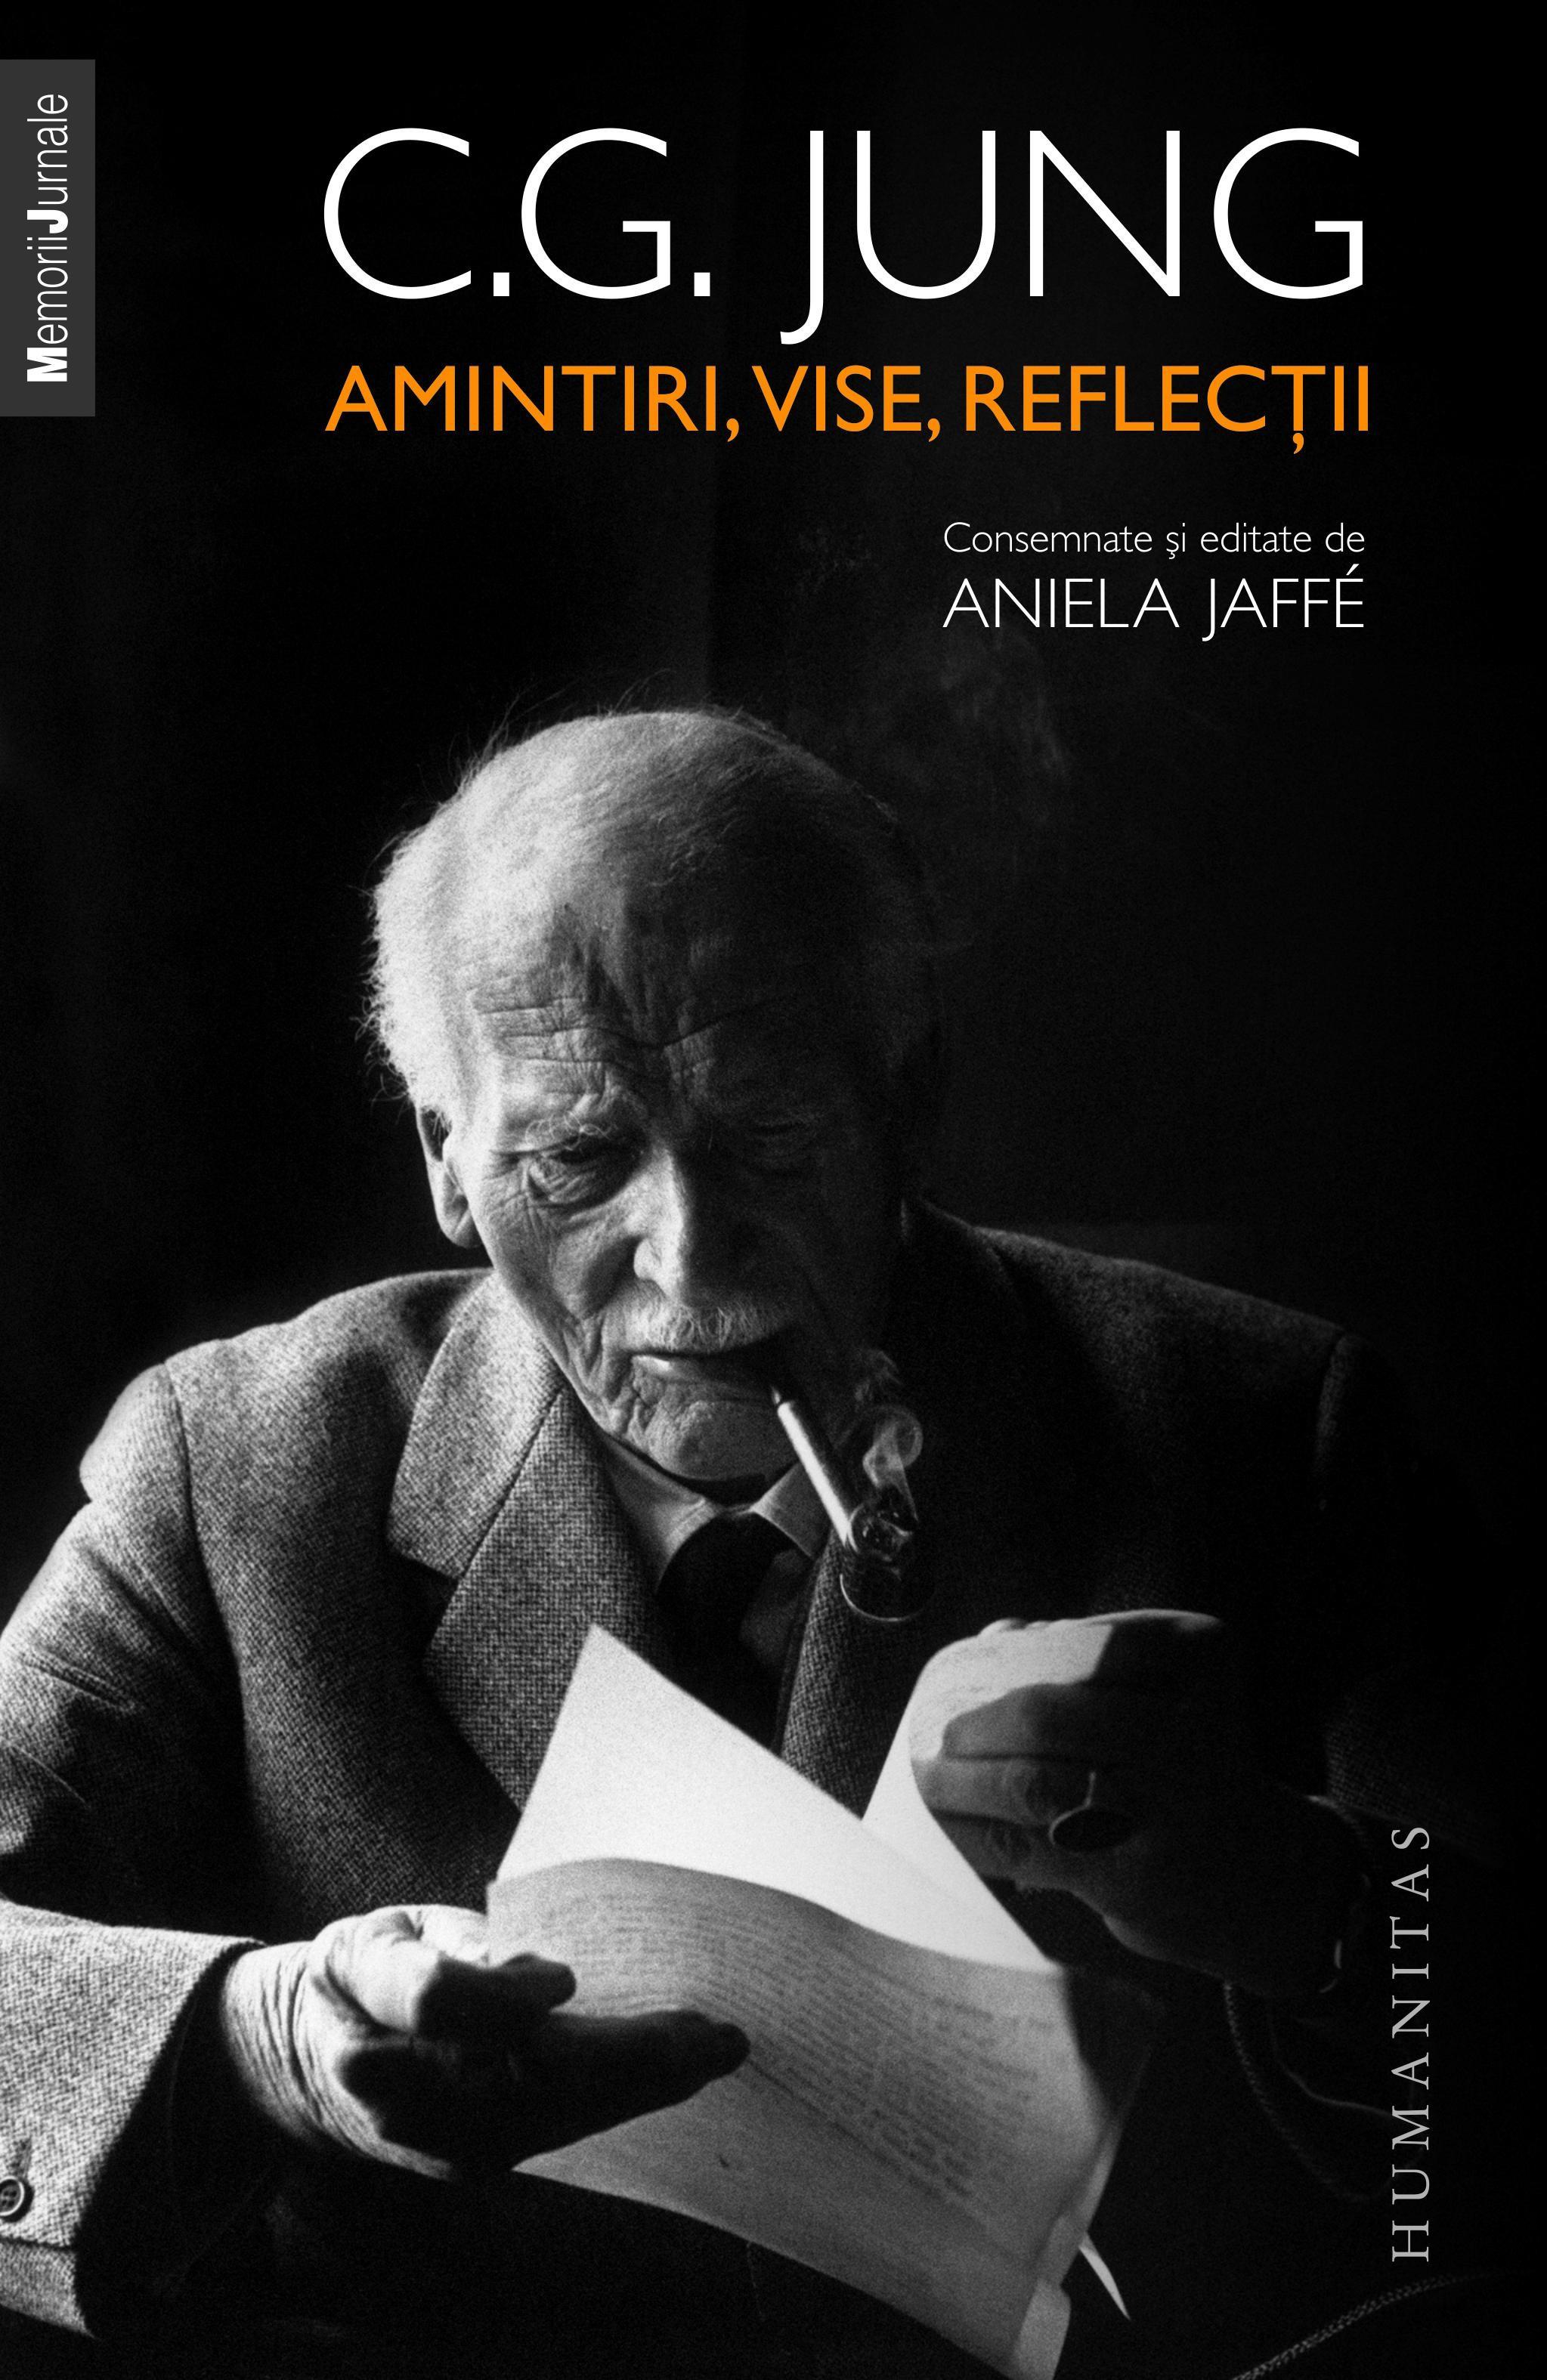 C.G. JUNG | Amintiri, vise, reflectii. Consemnate si editate de Aniela JAFFE